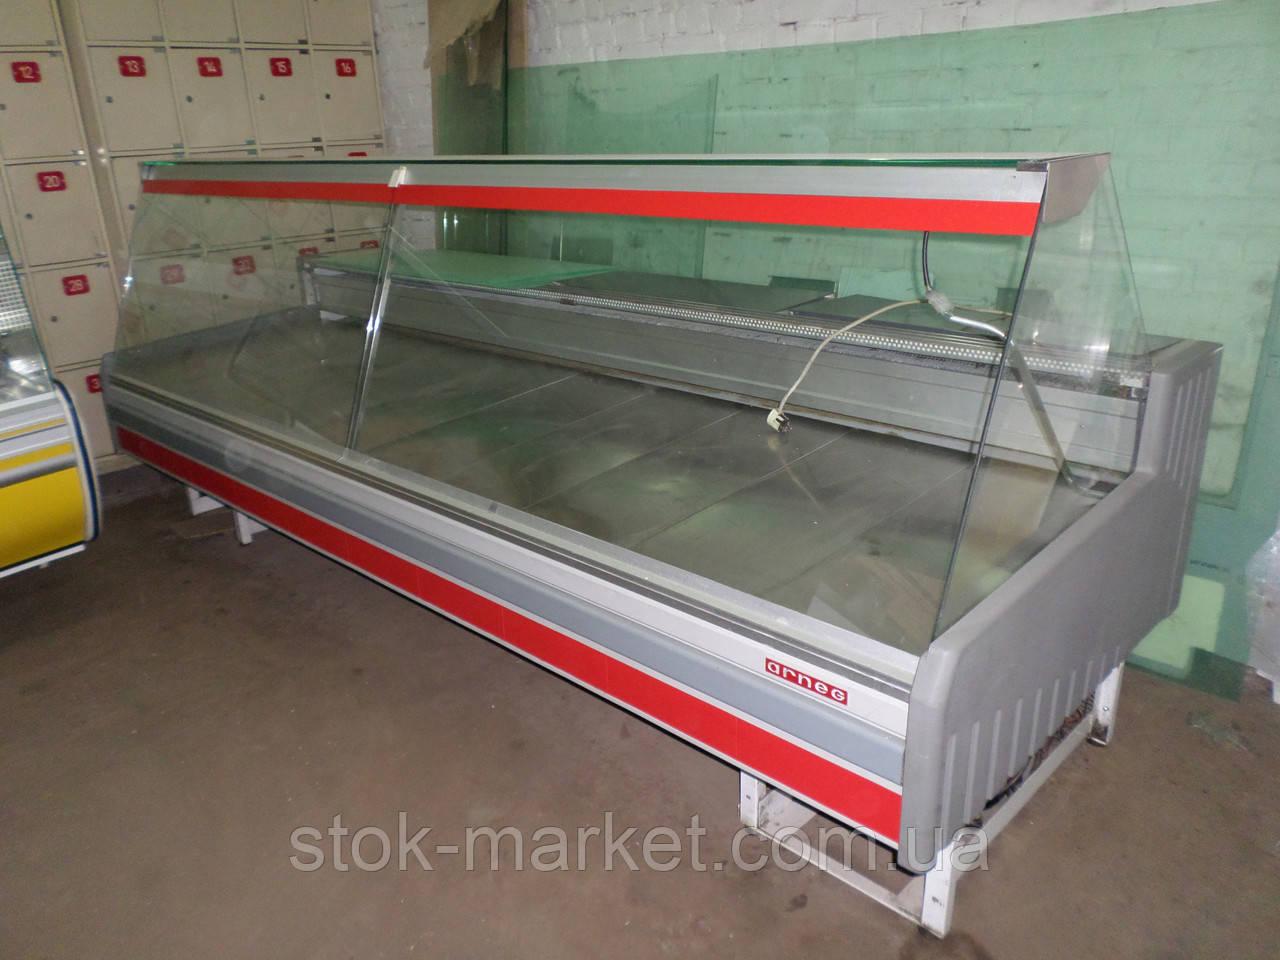 Холодильная витрина Arneg S.Dallas Vent 3000. 3.0м.